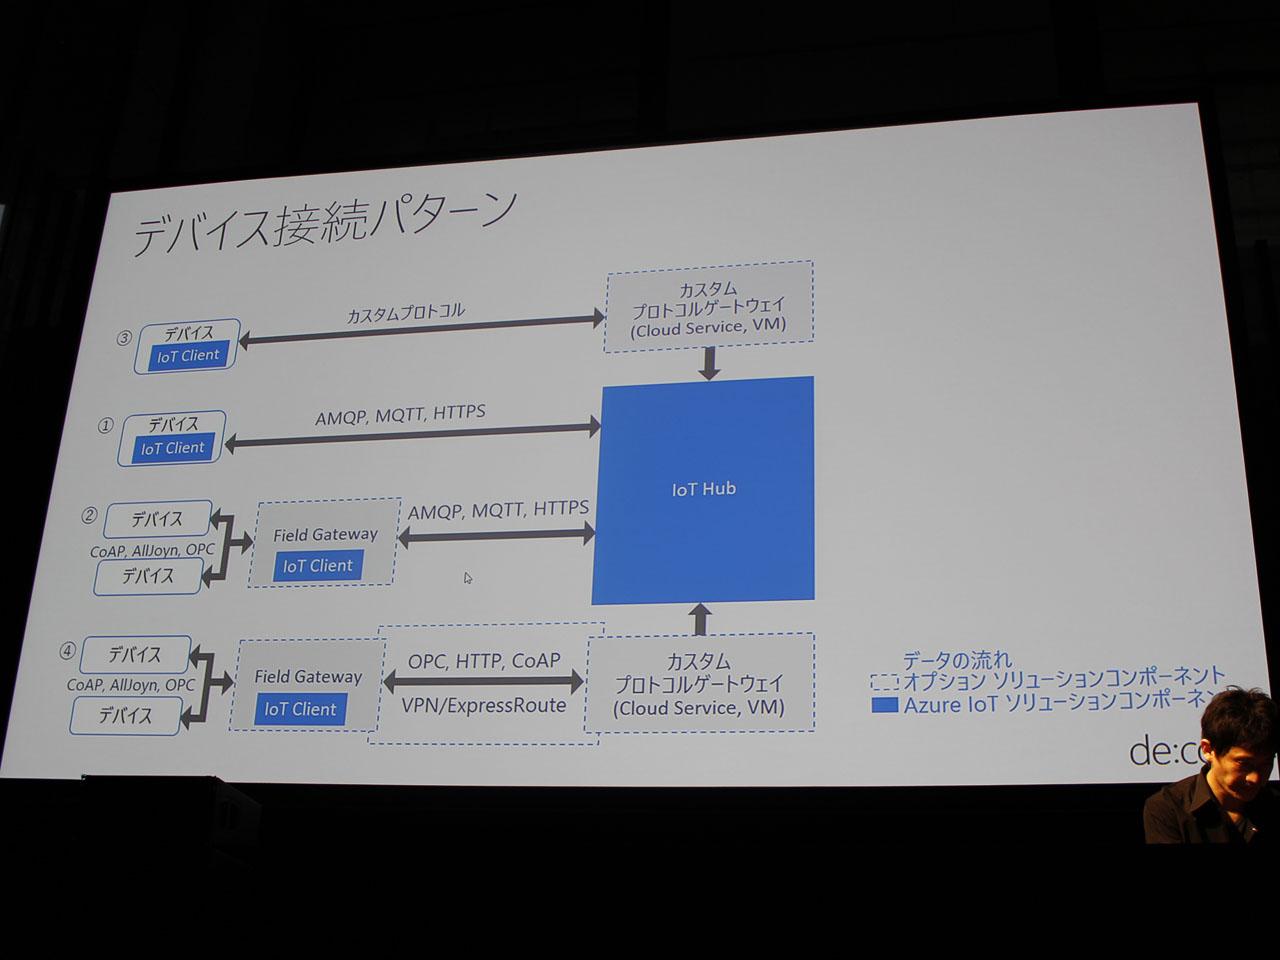 Azure IoT Gateway SDKを用いて開発したカスタムゲートウェイをホストすることで、独自のプロトコルを利用したIoT機器との通信も可能。IoT Hubと直接通信できないIoTデバイスは、スマートフォンなどのField Gatewayを介して通信を行う